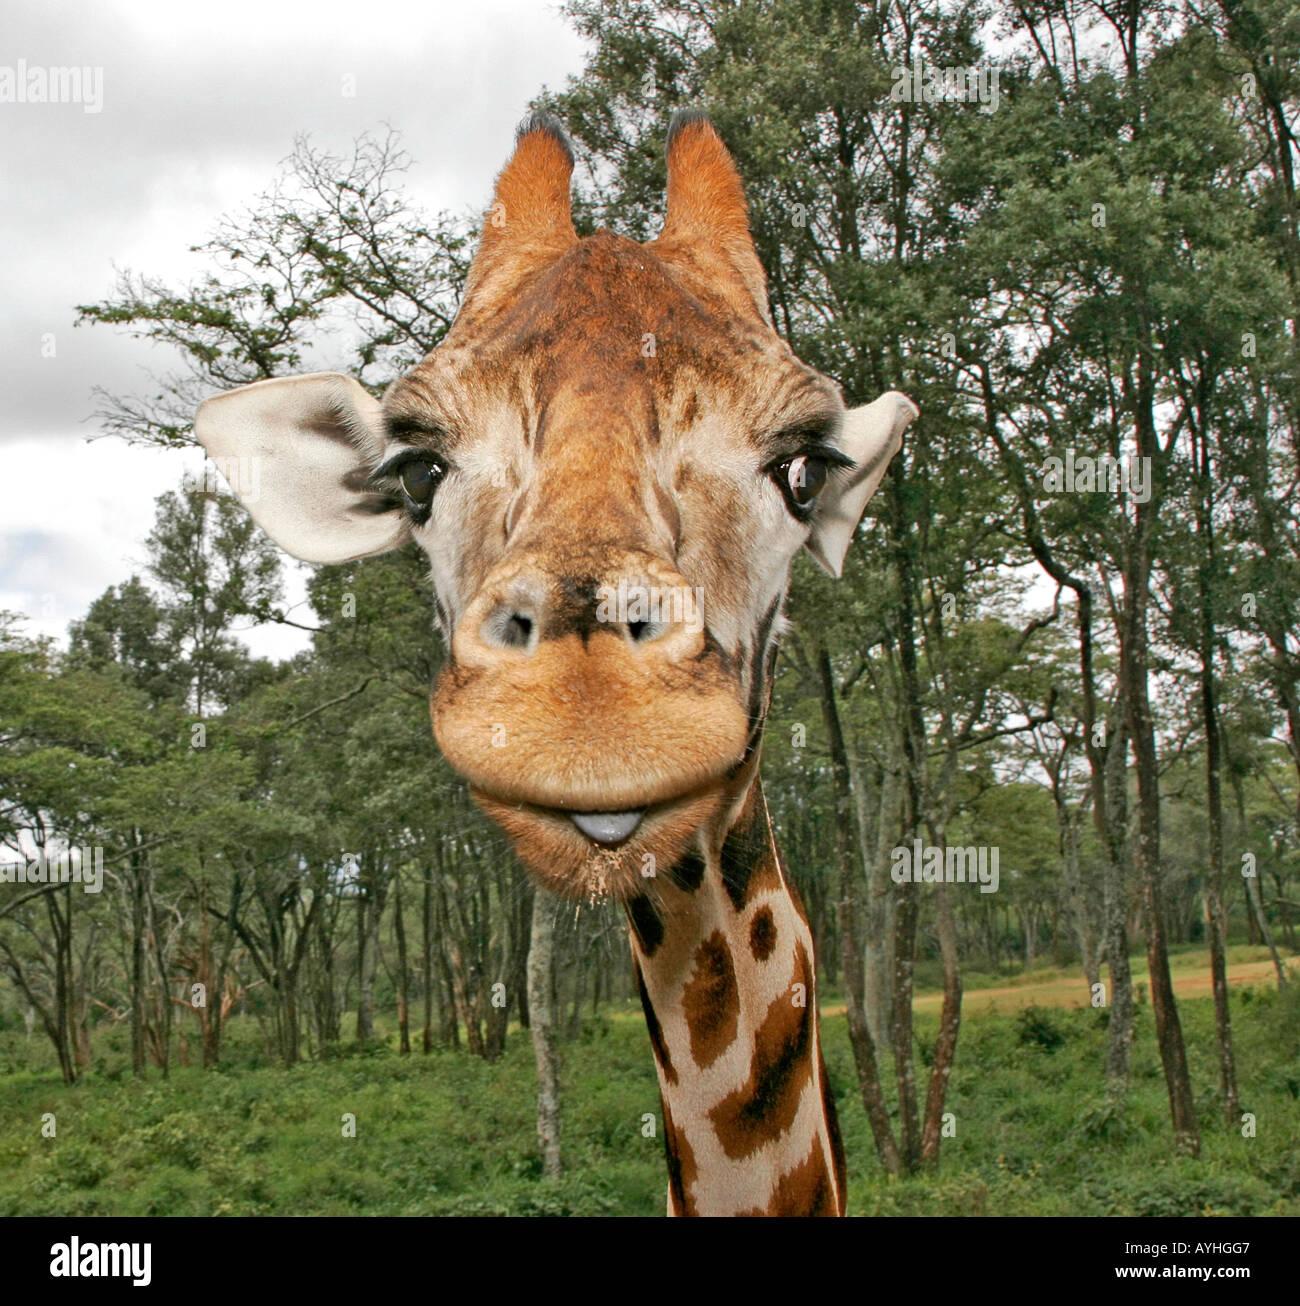 Girafe au refuge près de Nairobi Kenya Afrique fait dingo funny face Banque D'Images